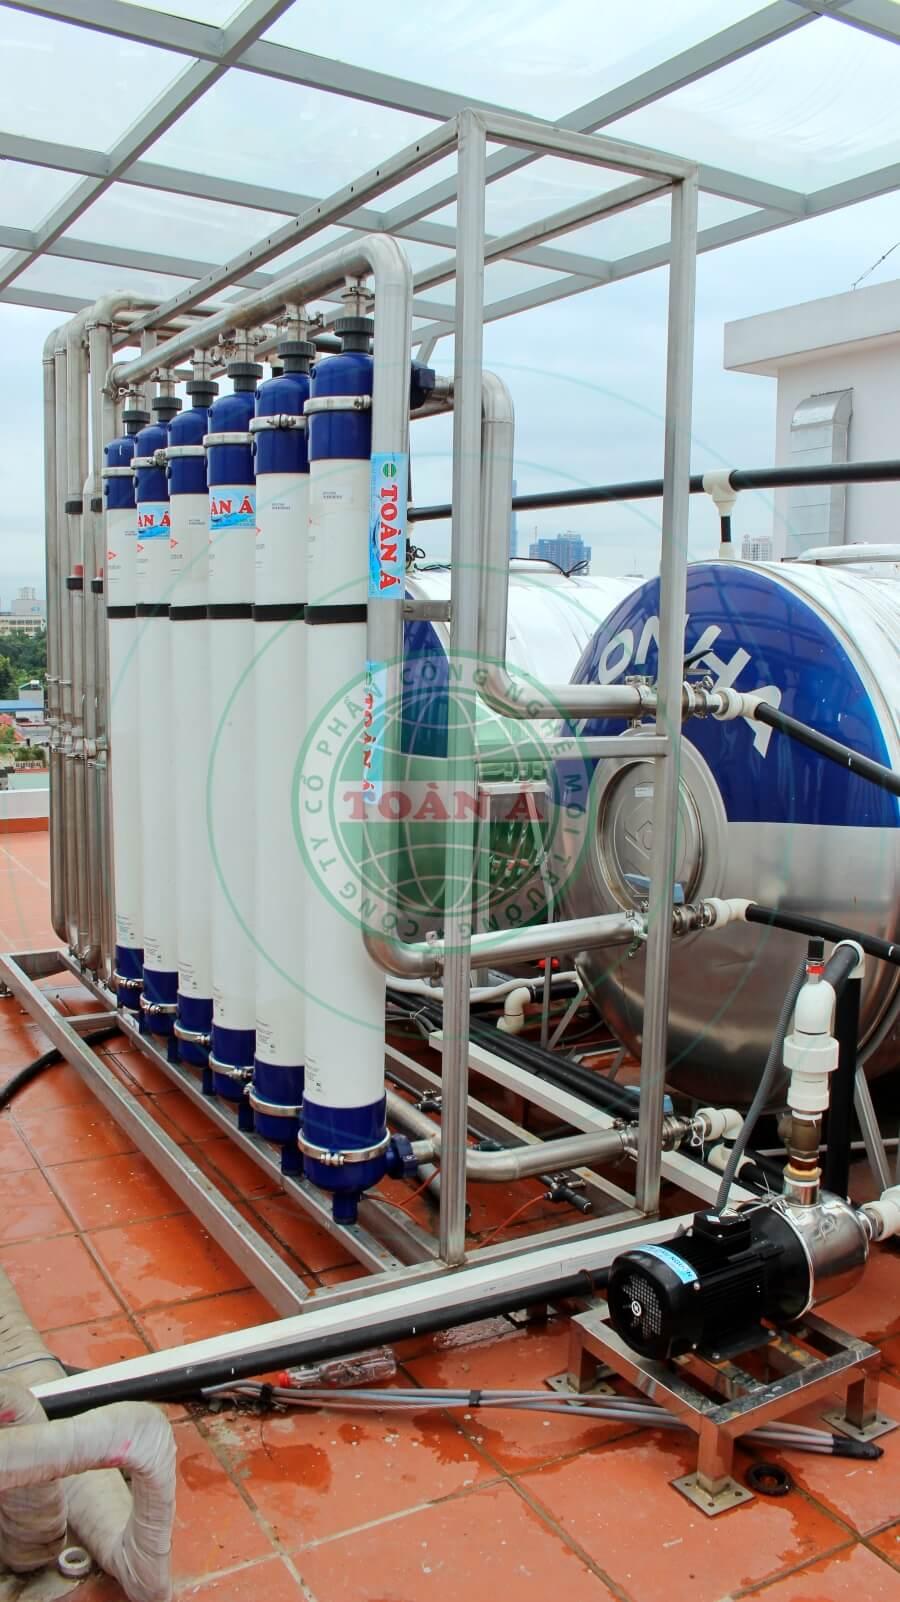 Hệ thống xử lý nước cấp, lọc tổng sinh hoạt cho nhà hàng, khách sạn, resort, khu chung cư,...